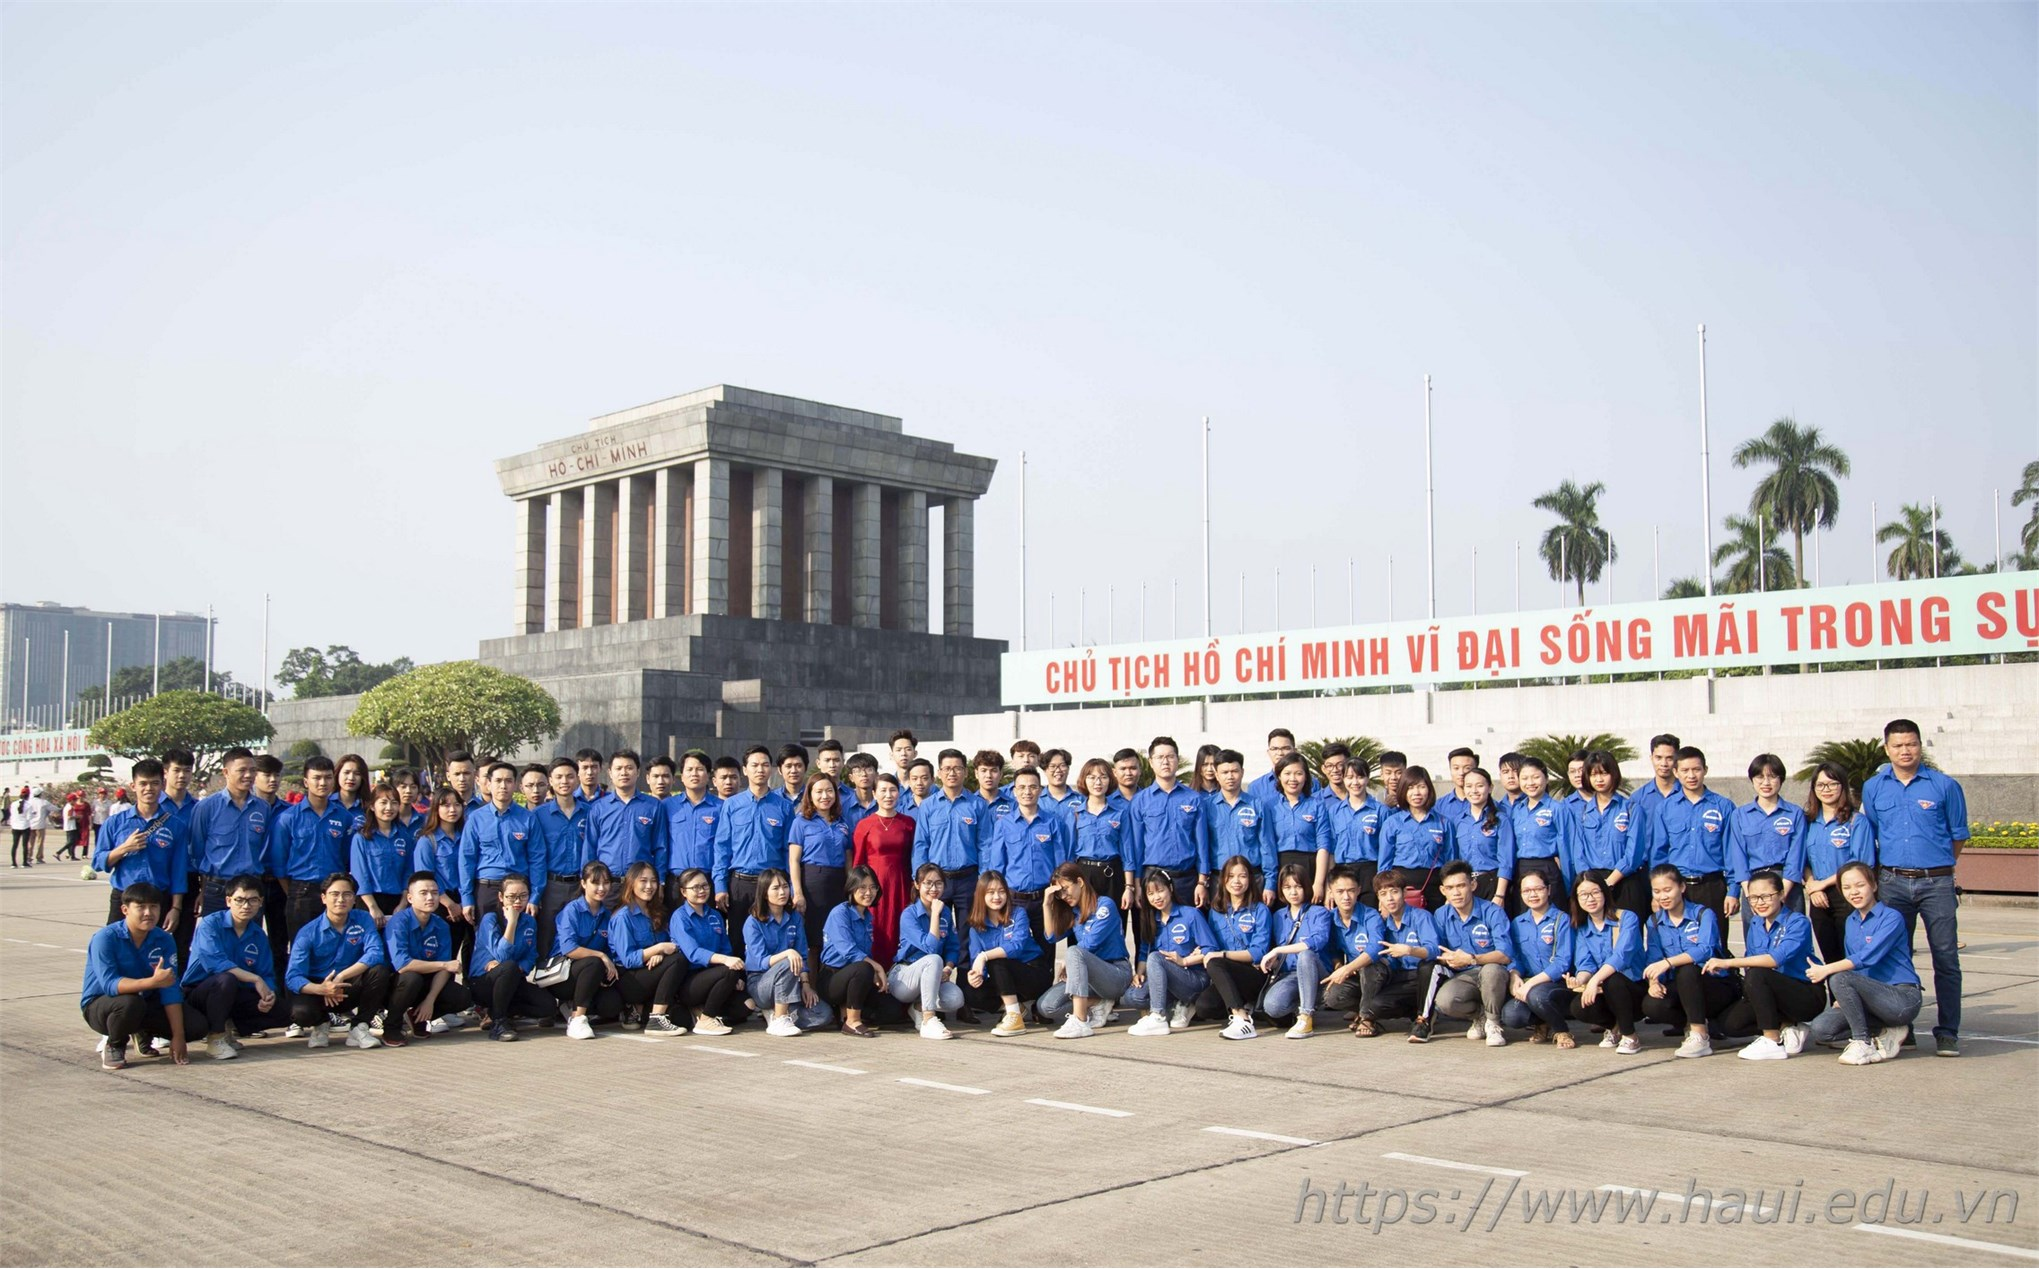 Tuổi trẻ Trường Đại học Công nghiệp Hà Nội tiên phong, bản lĩnh, đoàn kết, sáng tạo, hội nhập